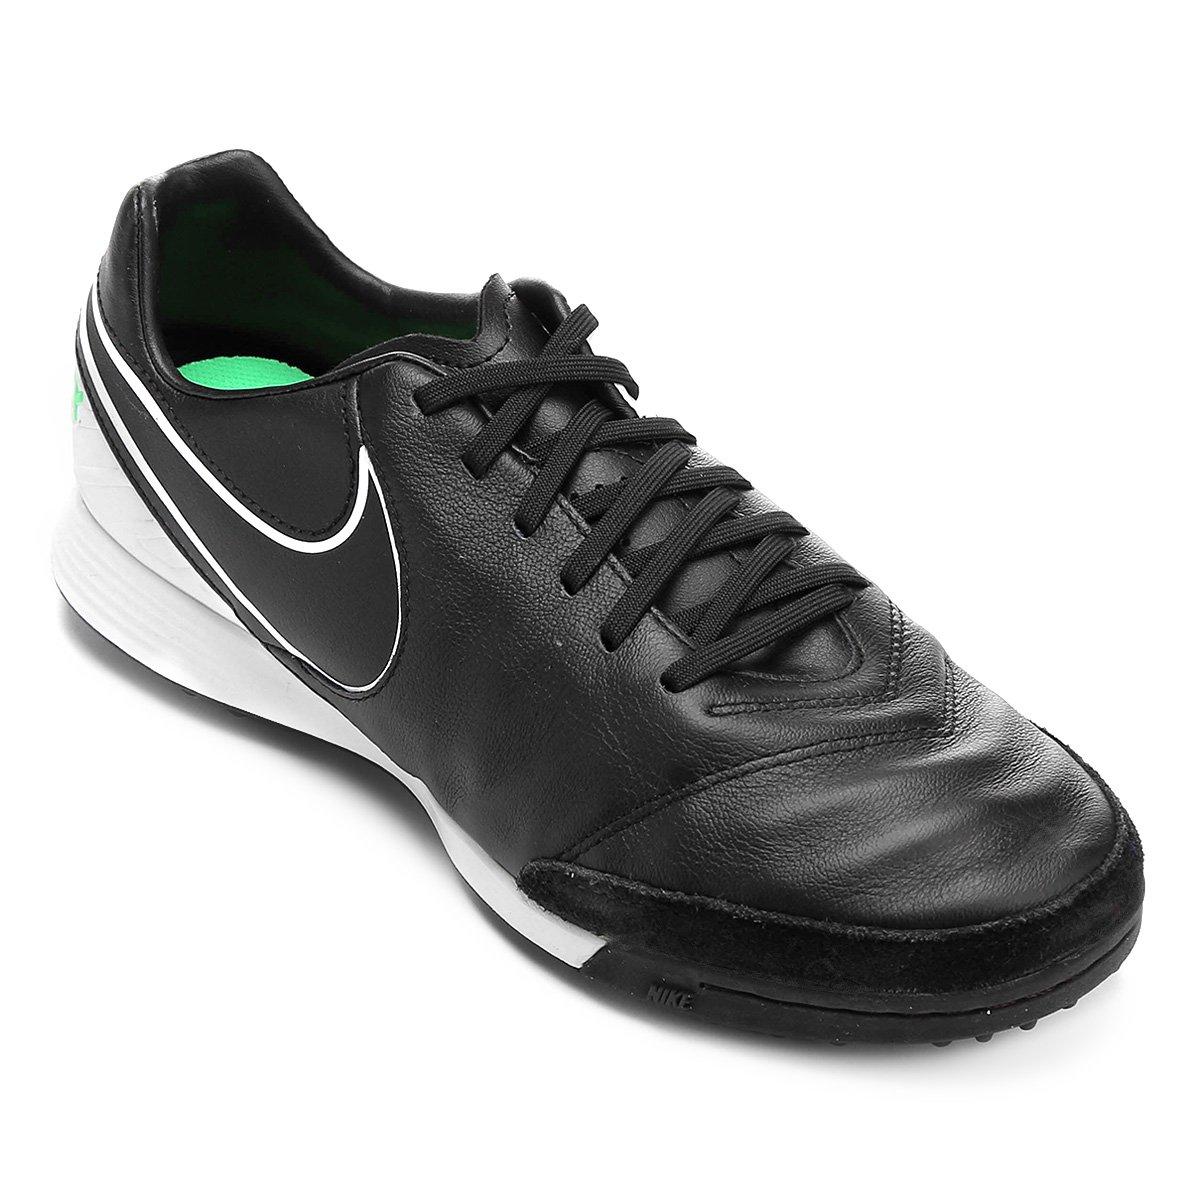 b543a63ed2 Chuteira Society Nike Tiempo Mystic 5 TF - Preto e verde - Compre ...